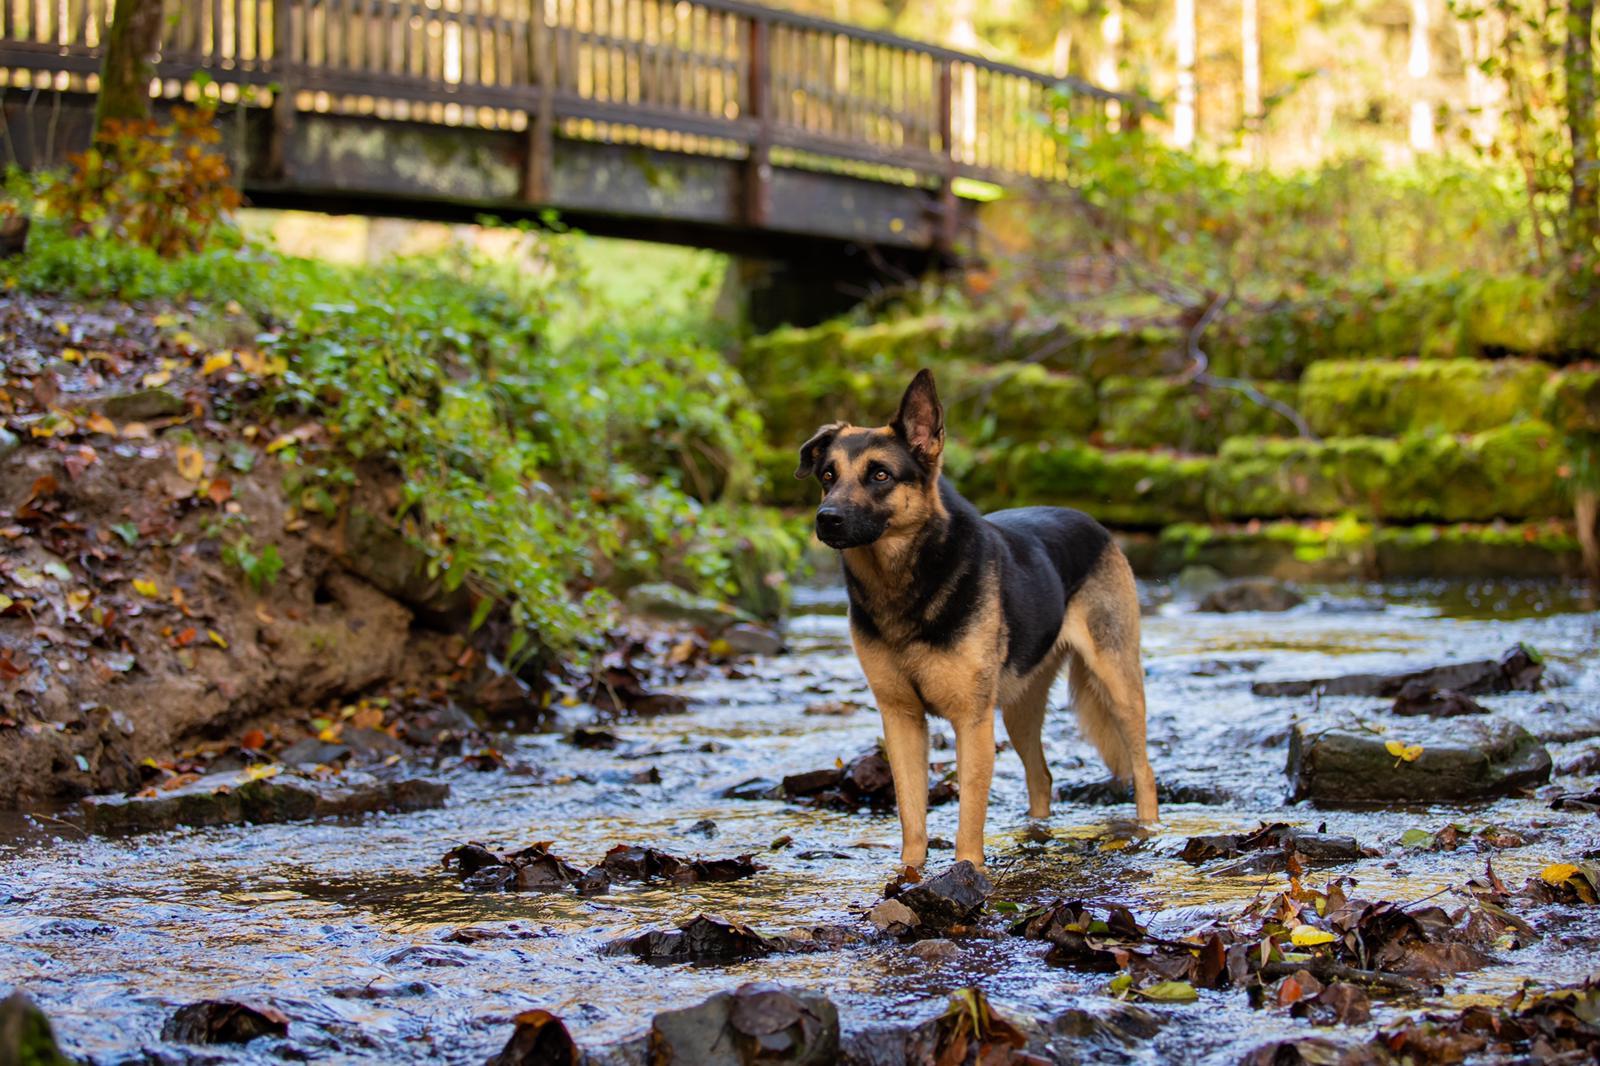 Jessica, Neuhausen mit Hund Archie